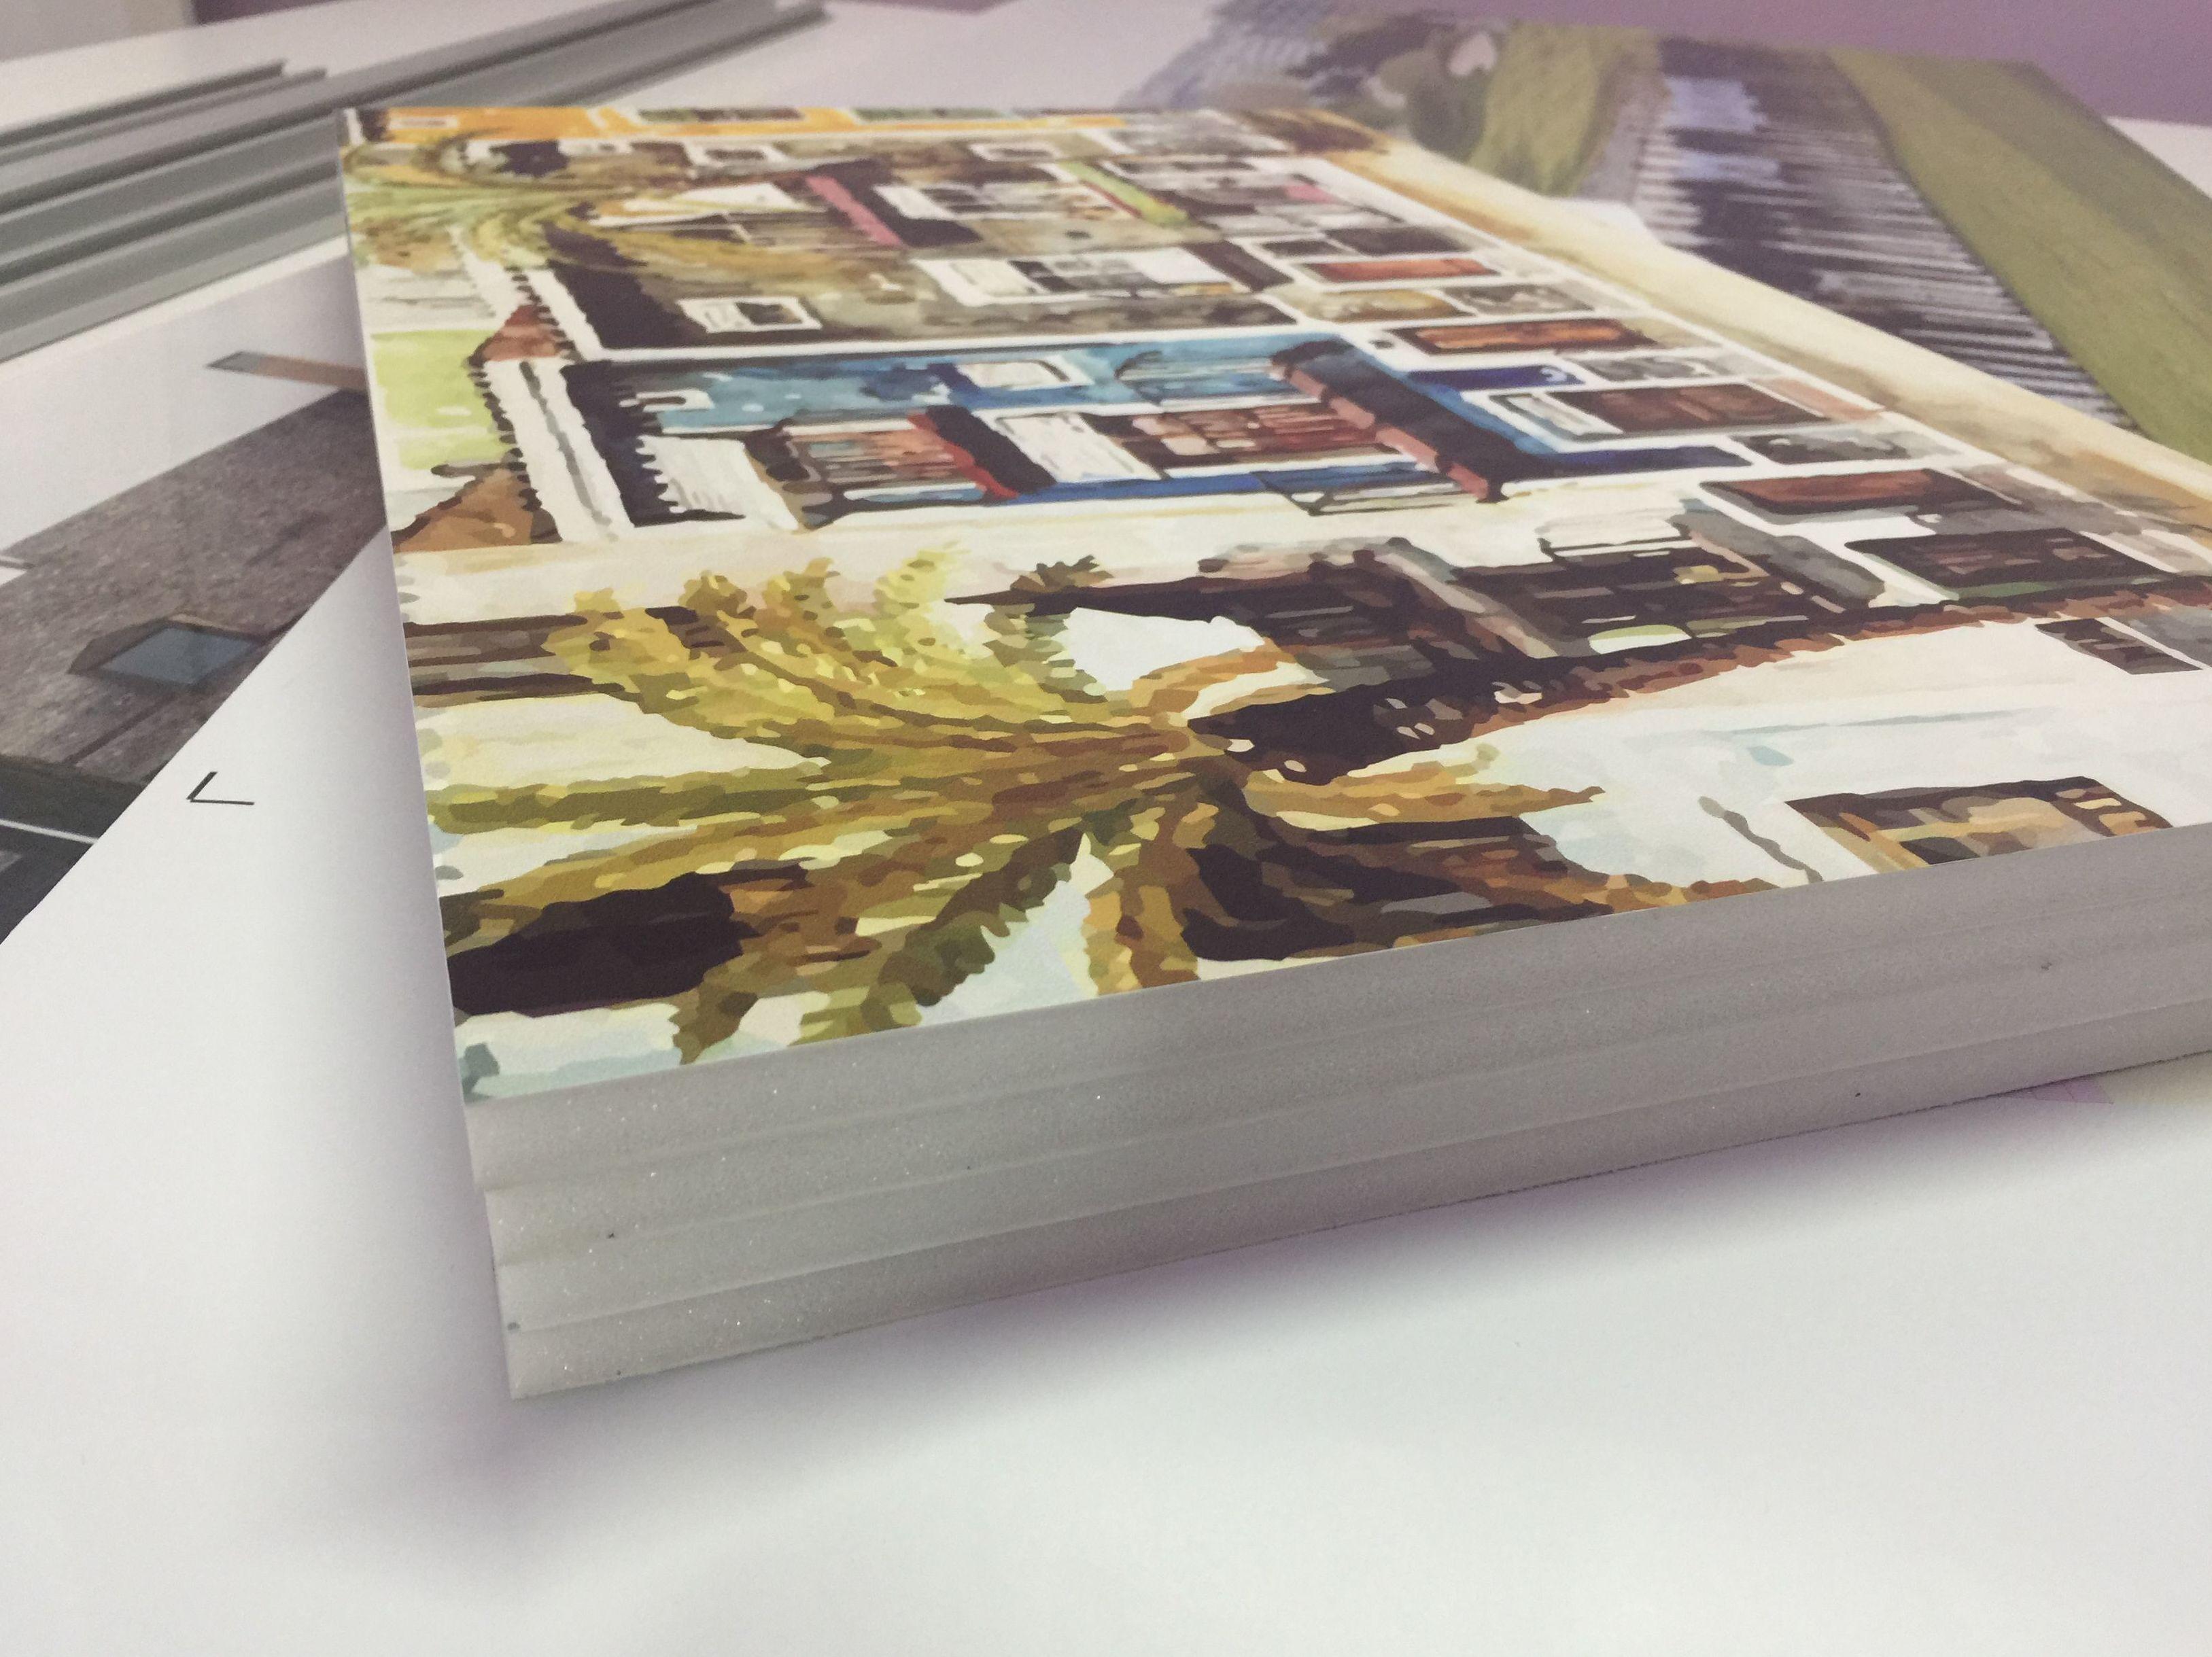 Foto 38 de Trabajos de diseño e impresión de gran calidad en Madrid   Megaprinter